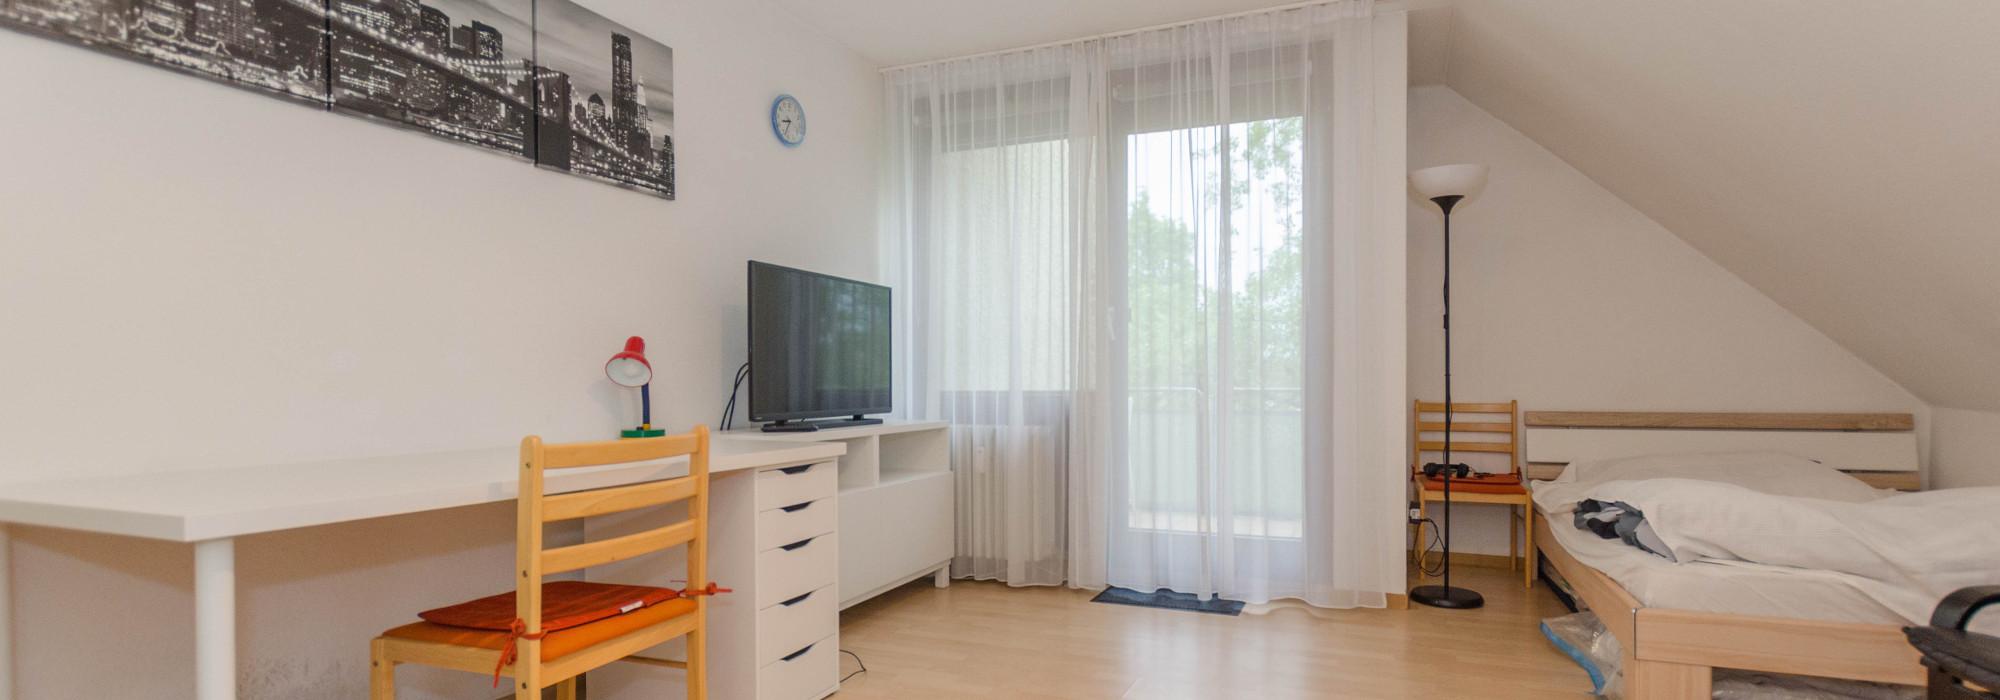 Möblierte Wohnung Stuttgart im DG mit Balkon